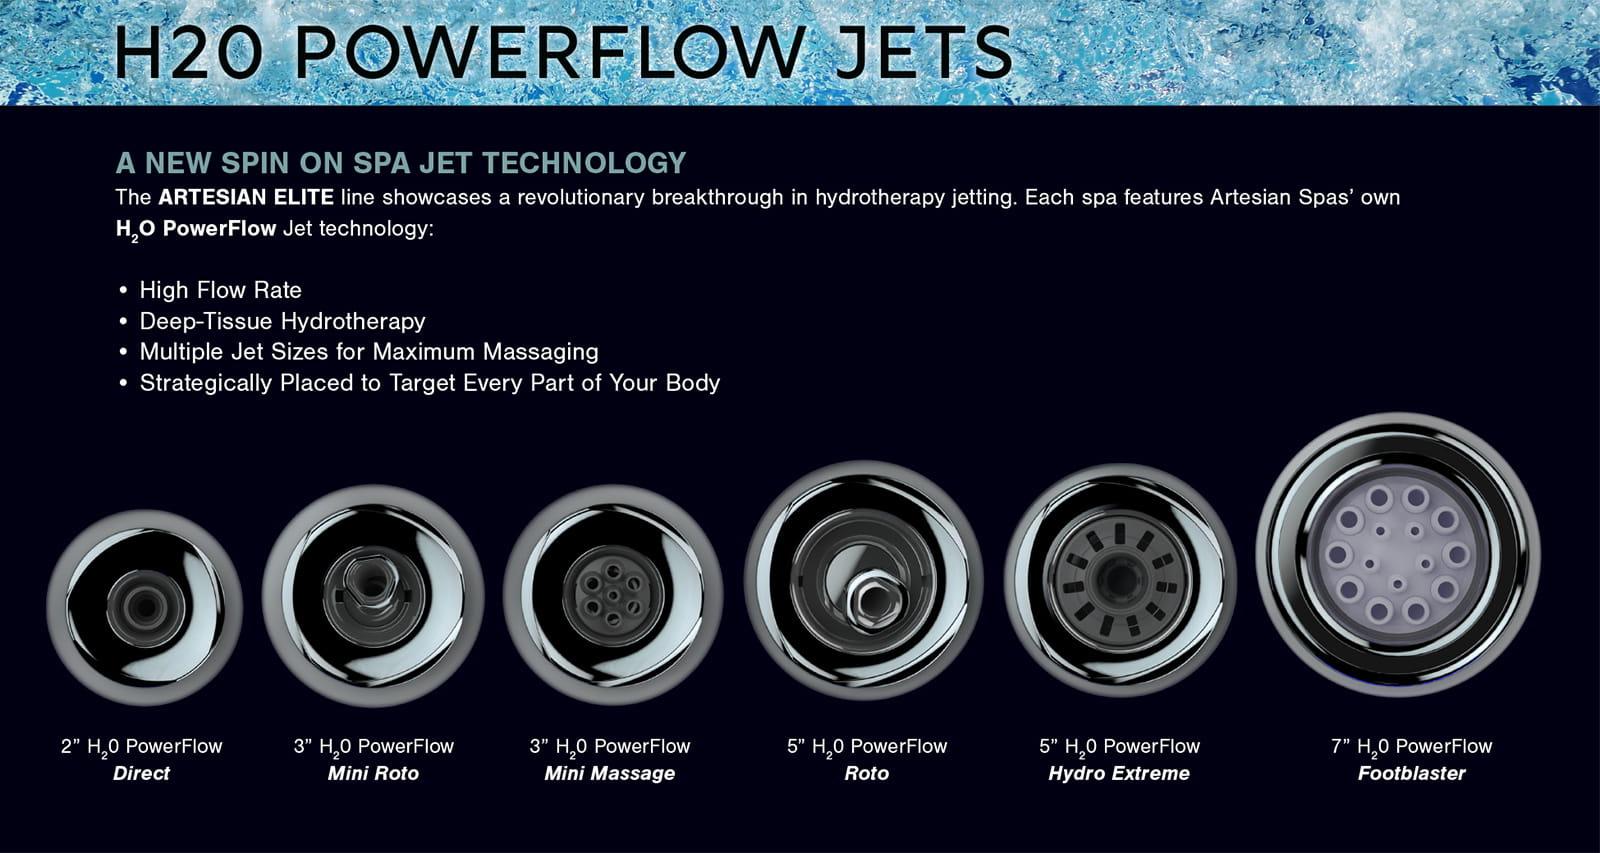 Powerflow Jets